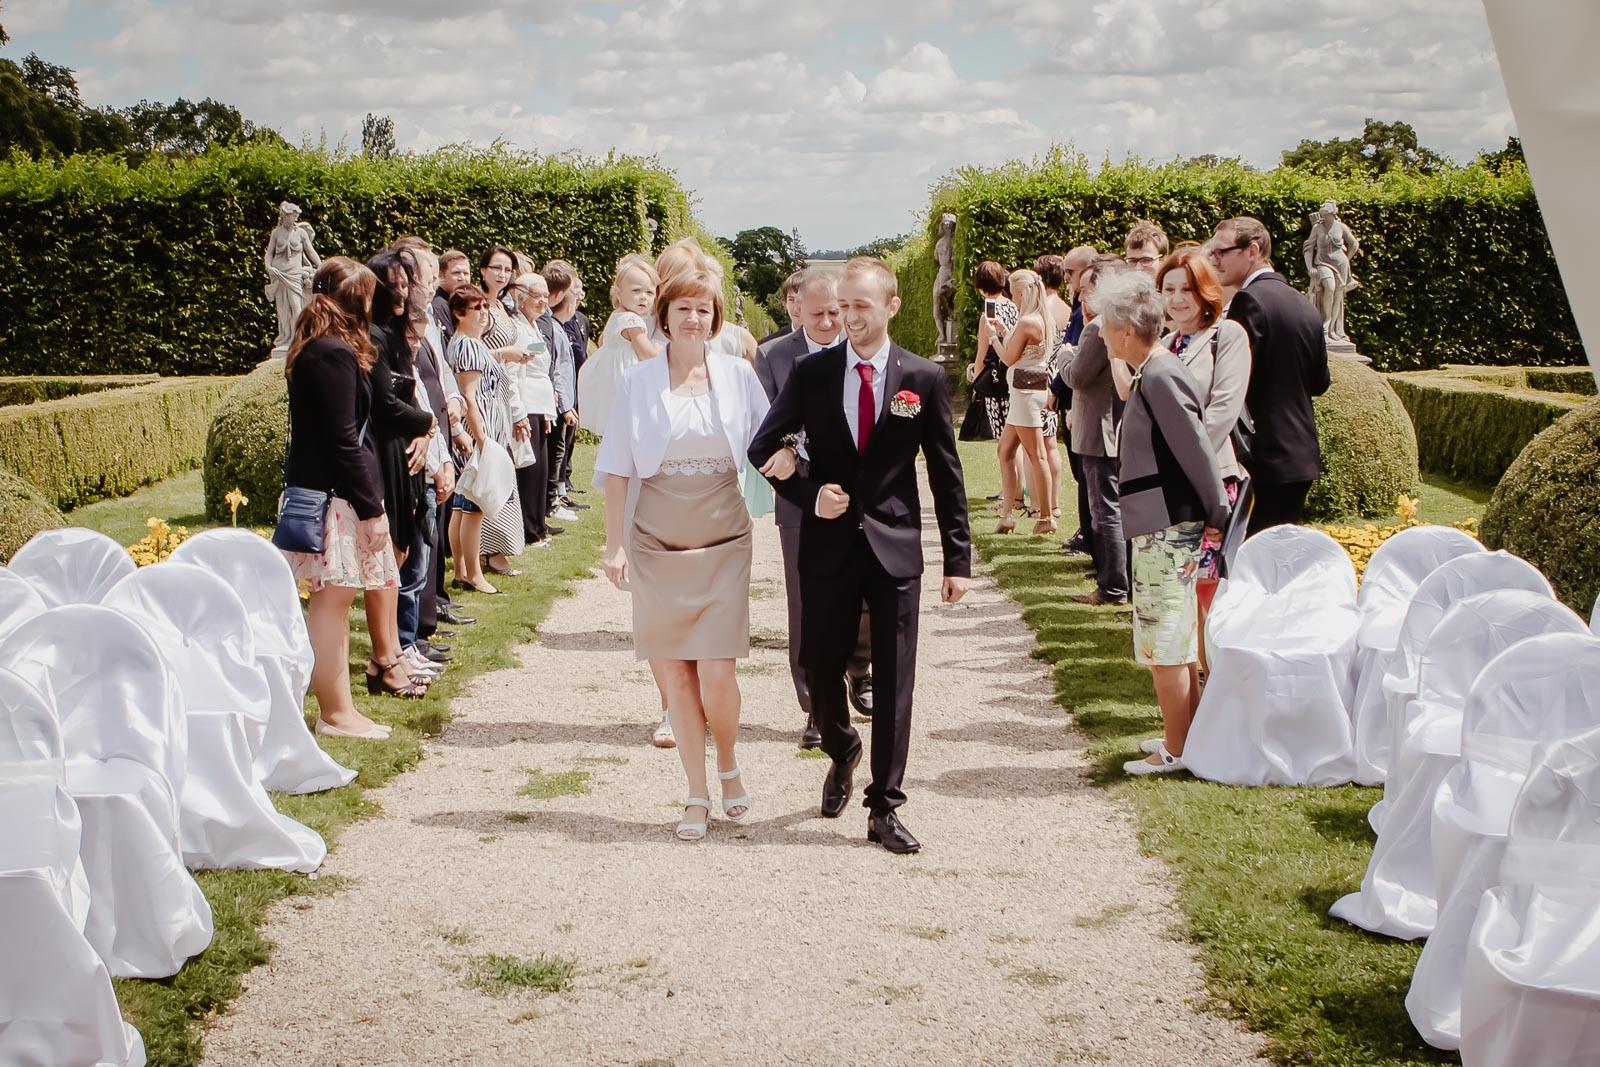 Svatba venku příprava svatebního obřadu Lysá na Labem, svatební agentur, příchod ženicha